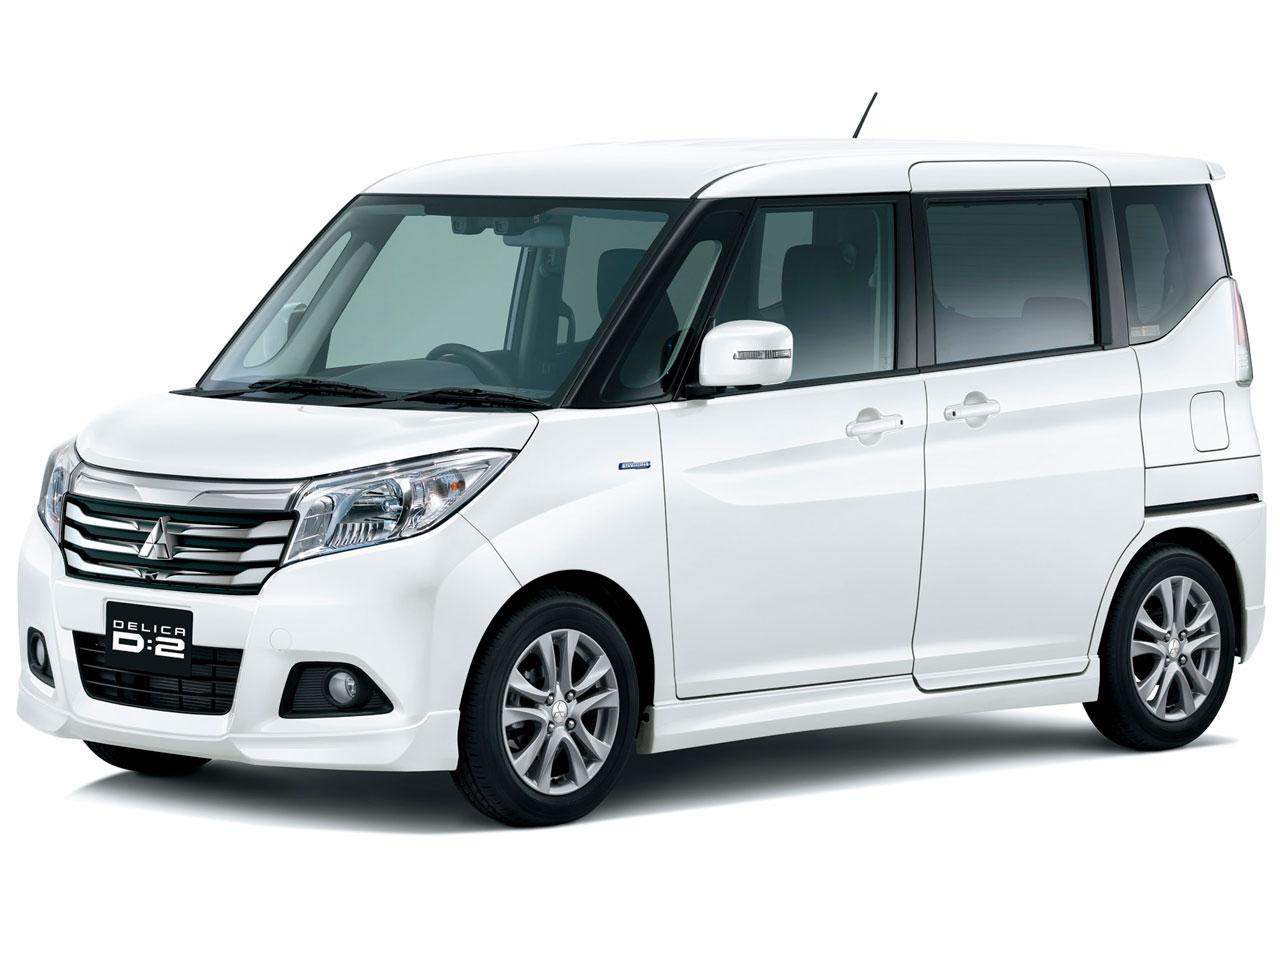 三菱 デリカ D:2 2015年モデル 新車画像